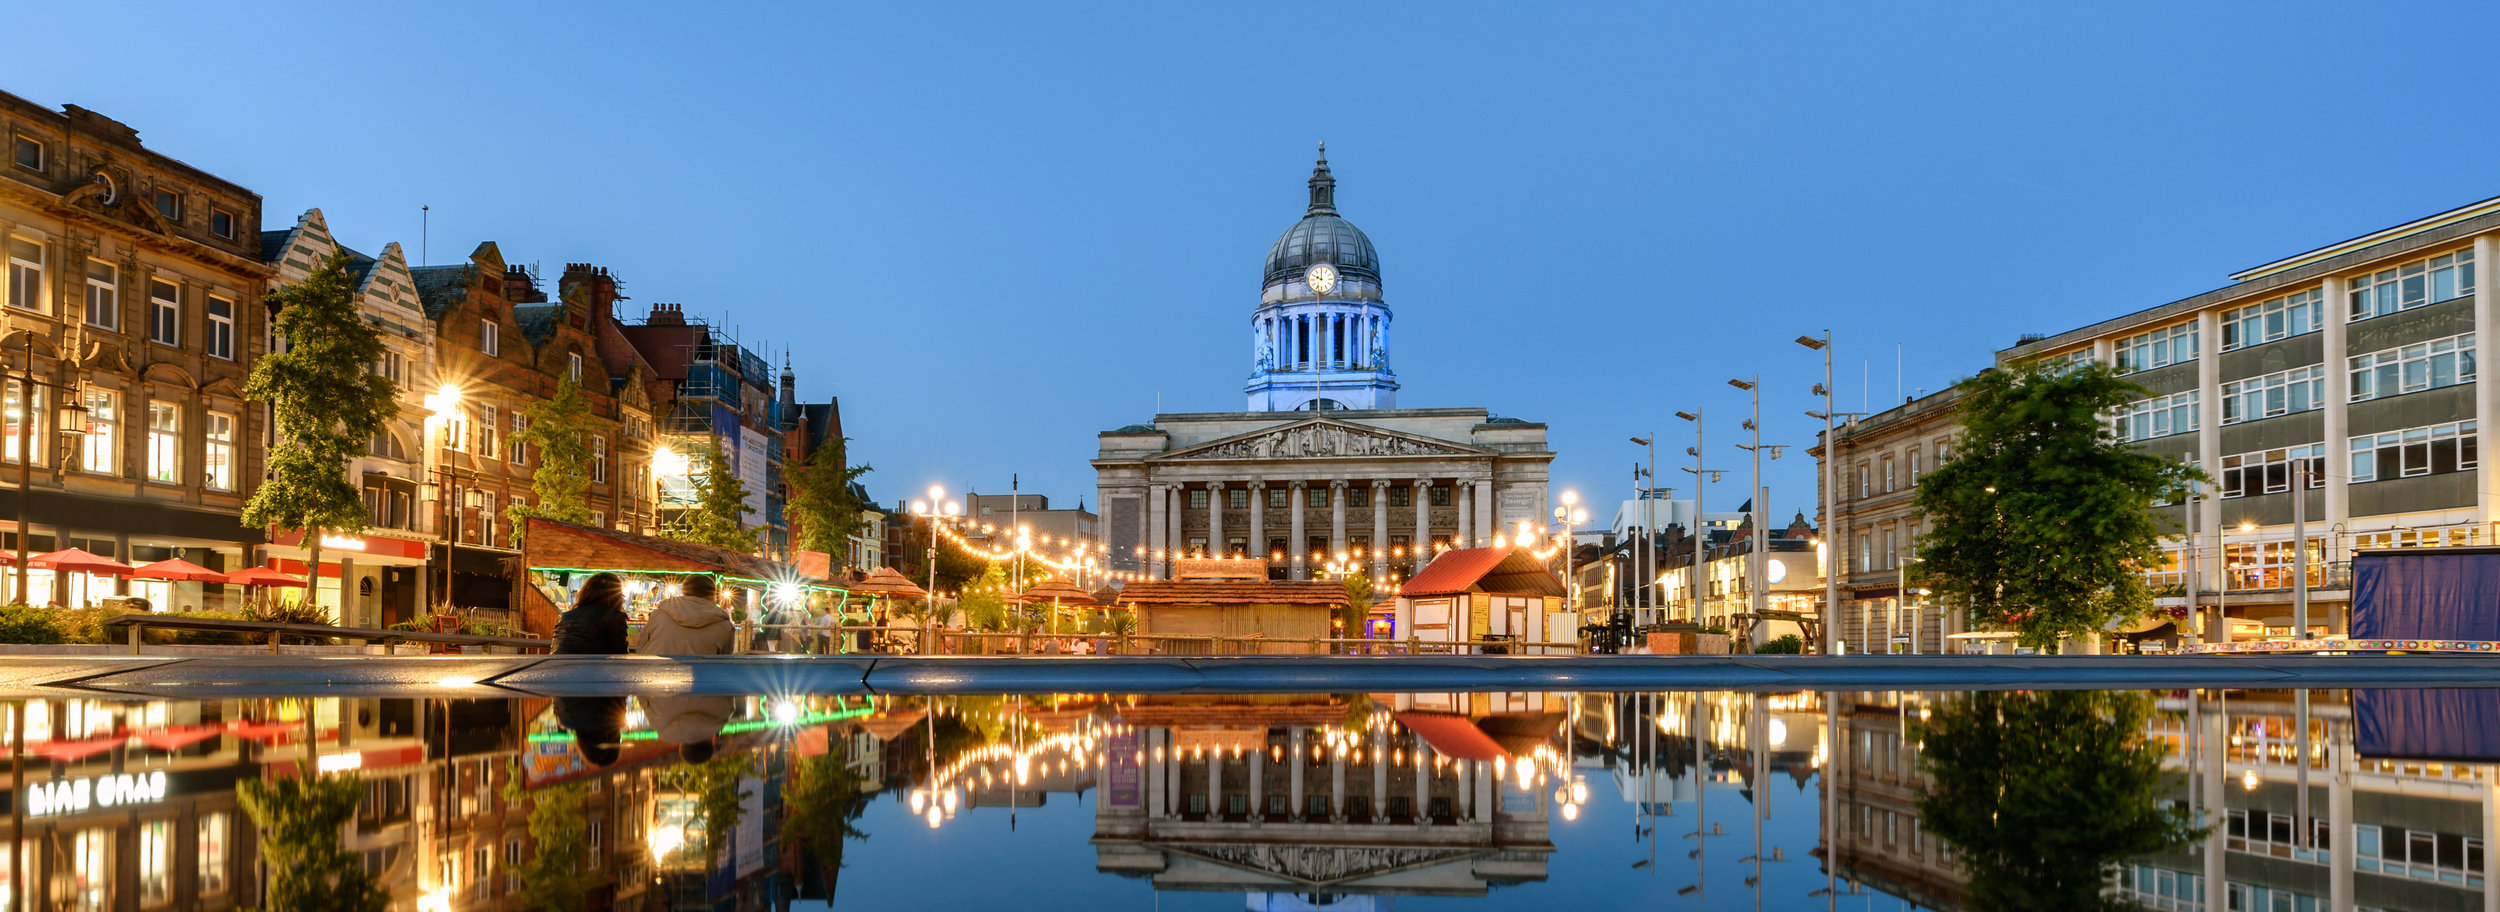 Nottingham.jpg